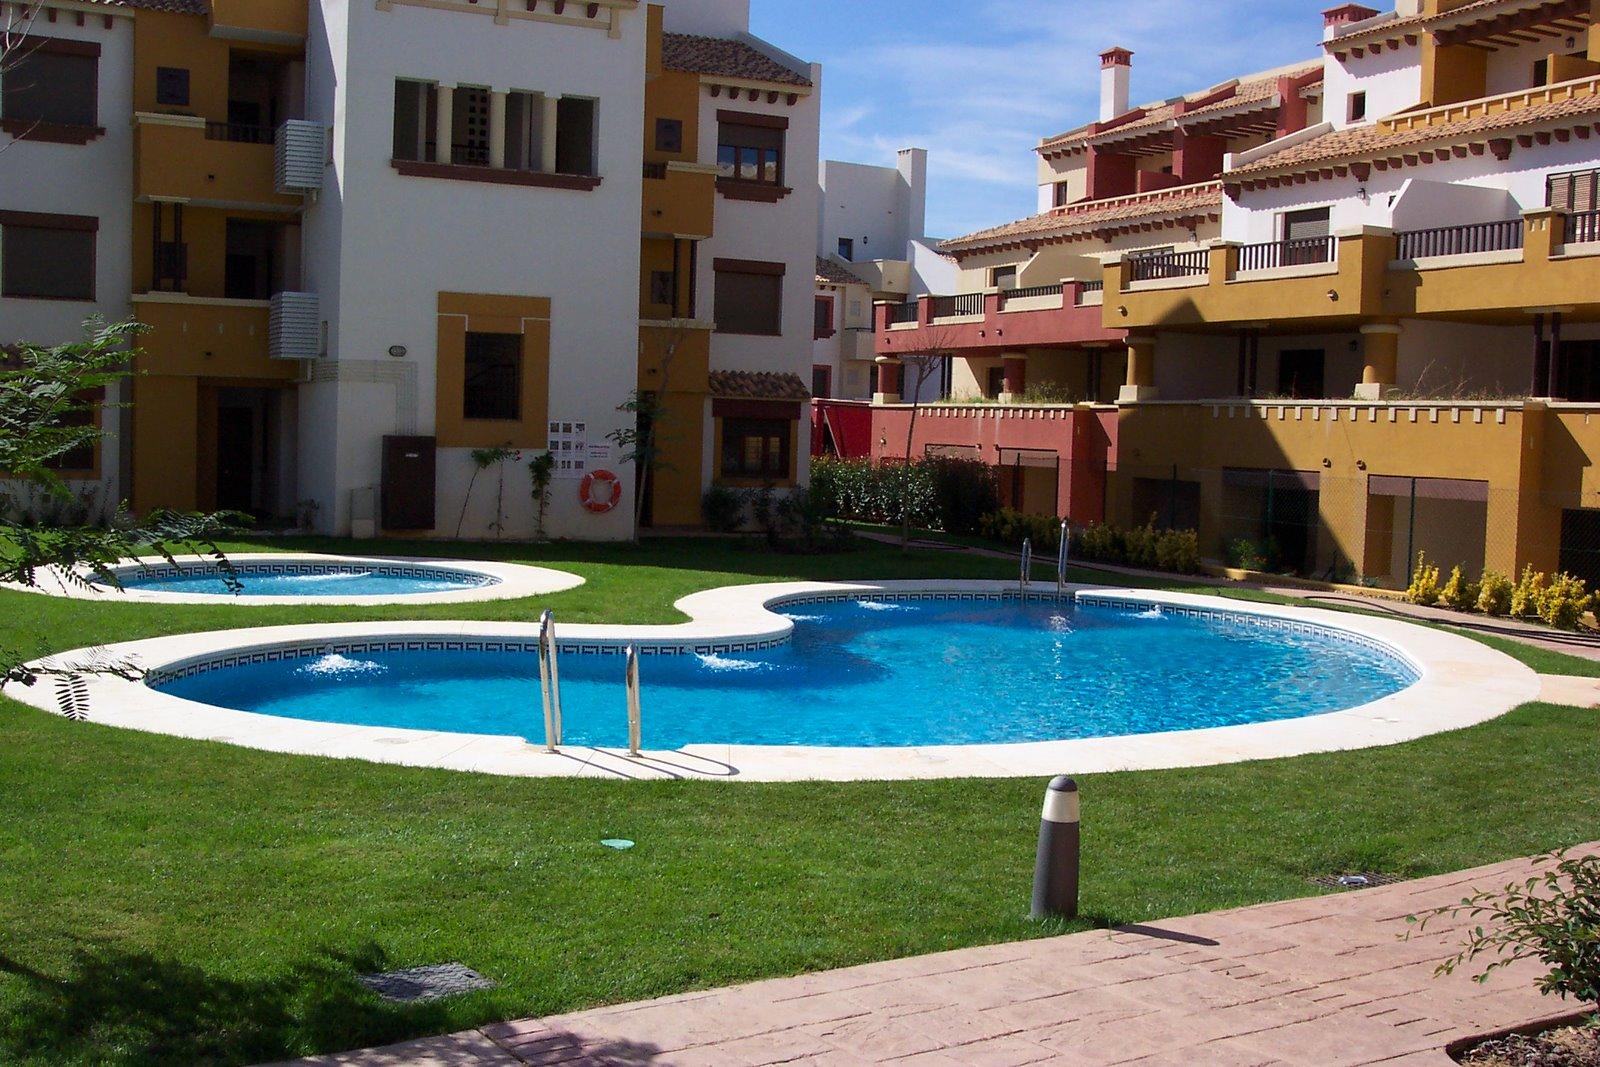 Mantenimiento de piscinas en huelva siempreverde jardiner a for Mantenimiento de la piscina